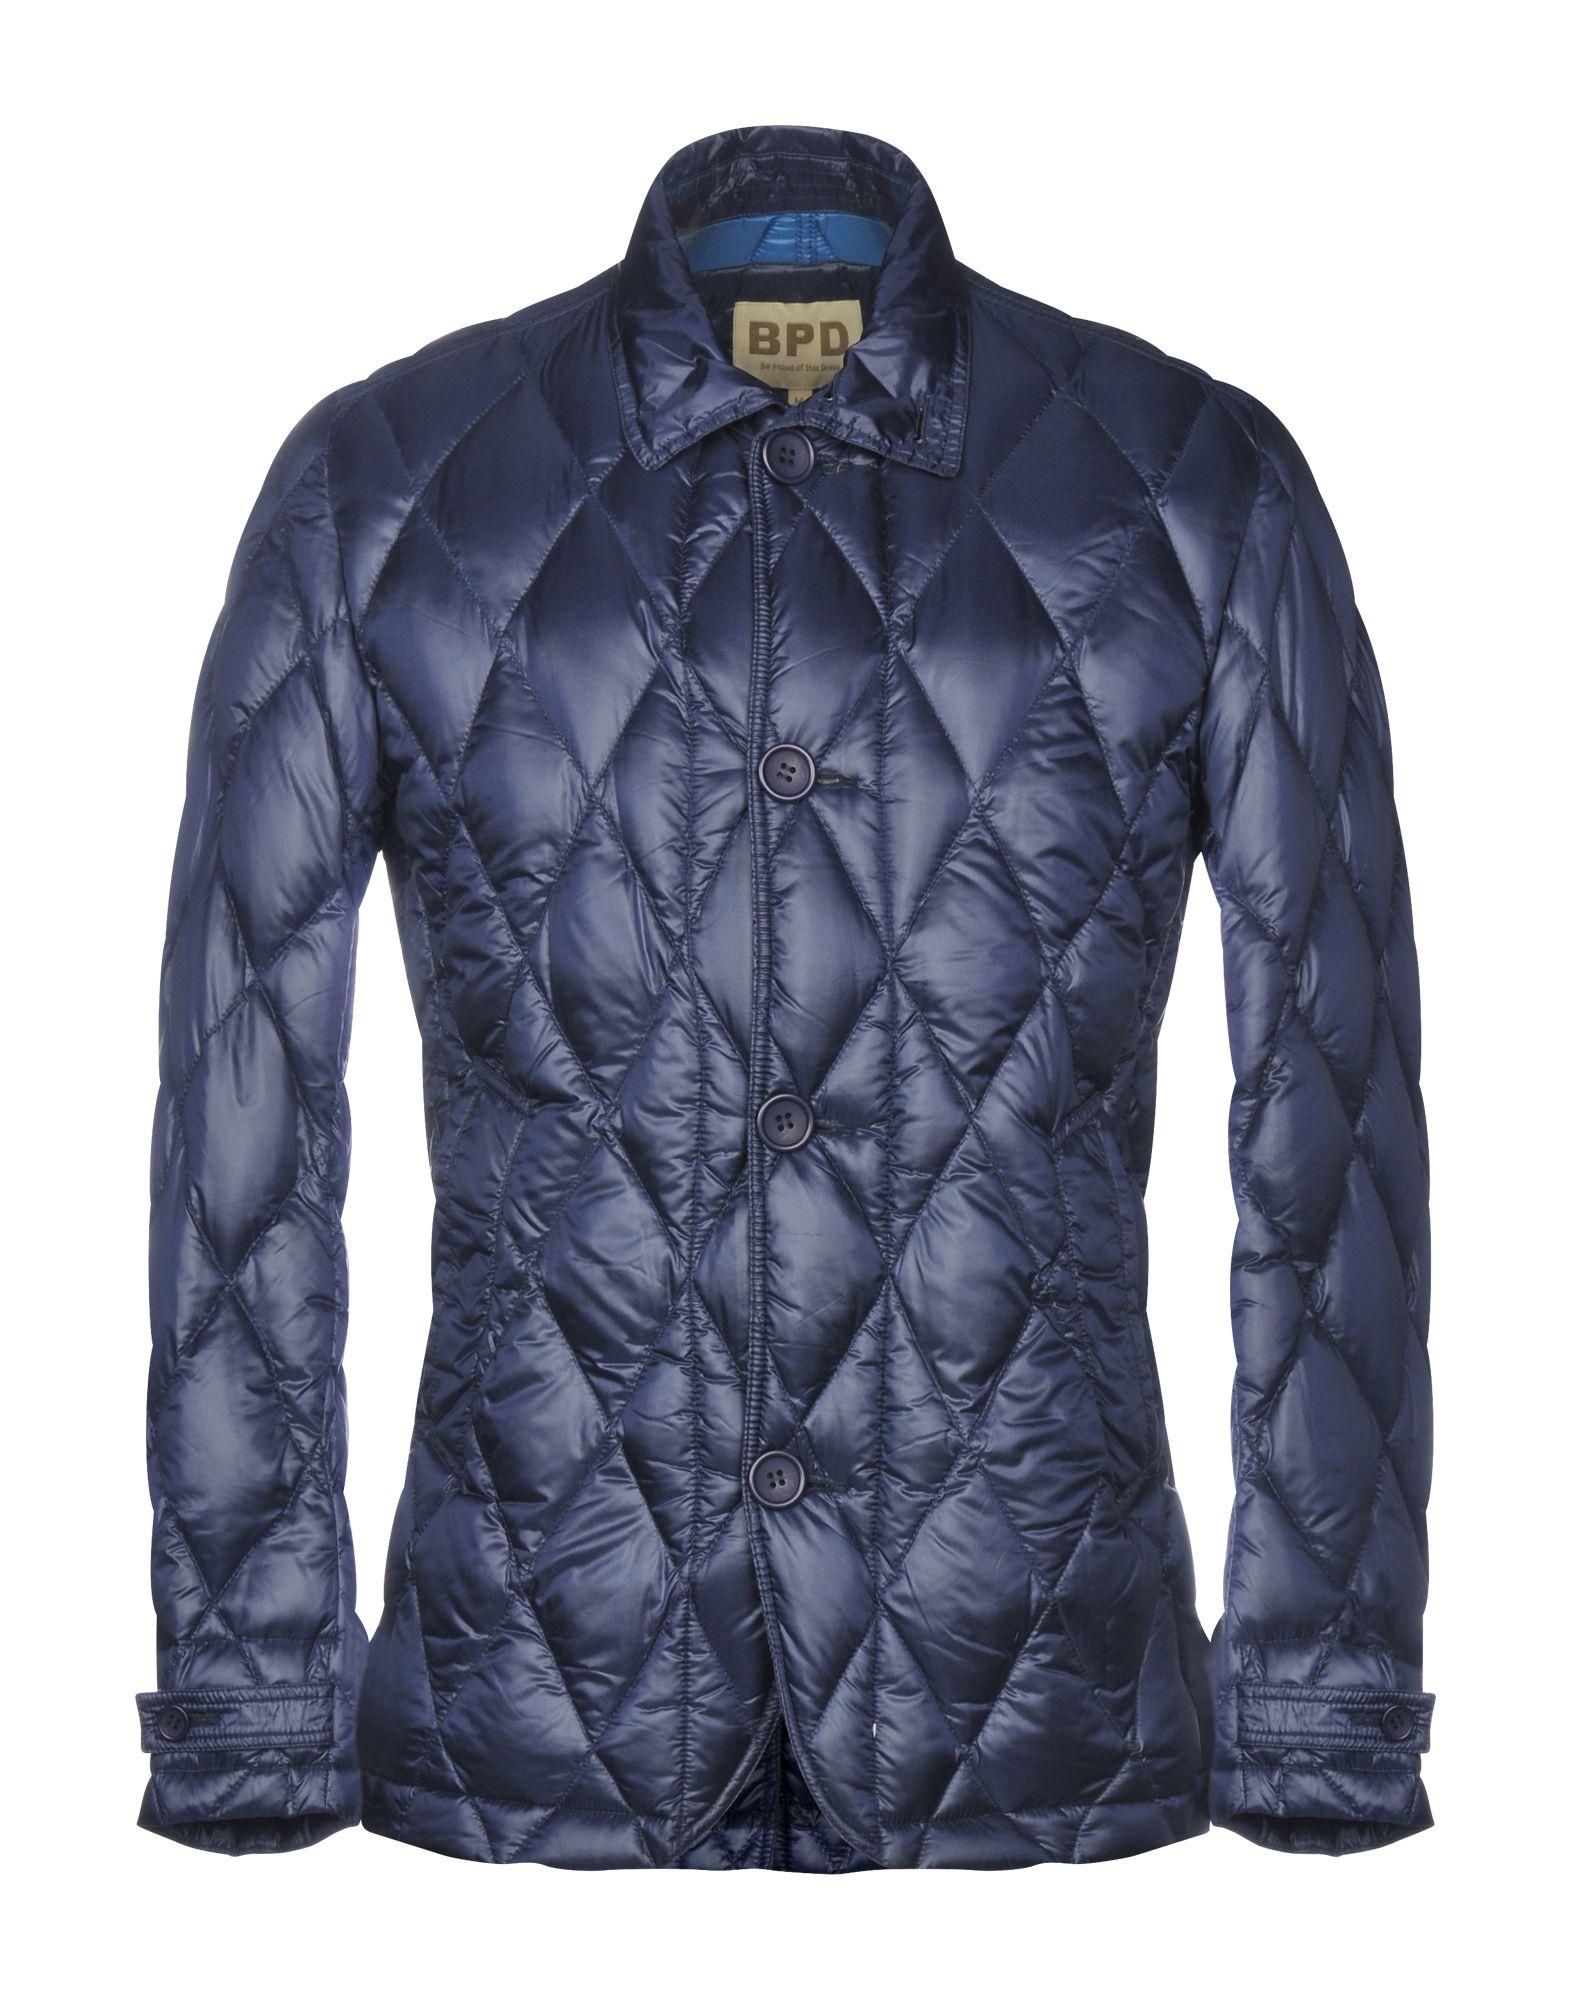 《送料無料》BPD BE PROUD OF THIS DRESS メンズ ダウンジャケット ブルー M ナイロン 100%